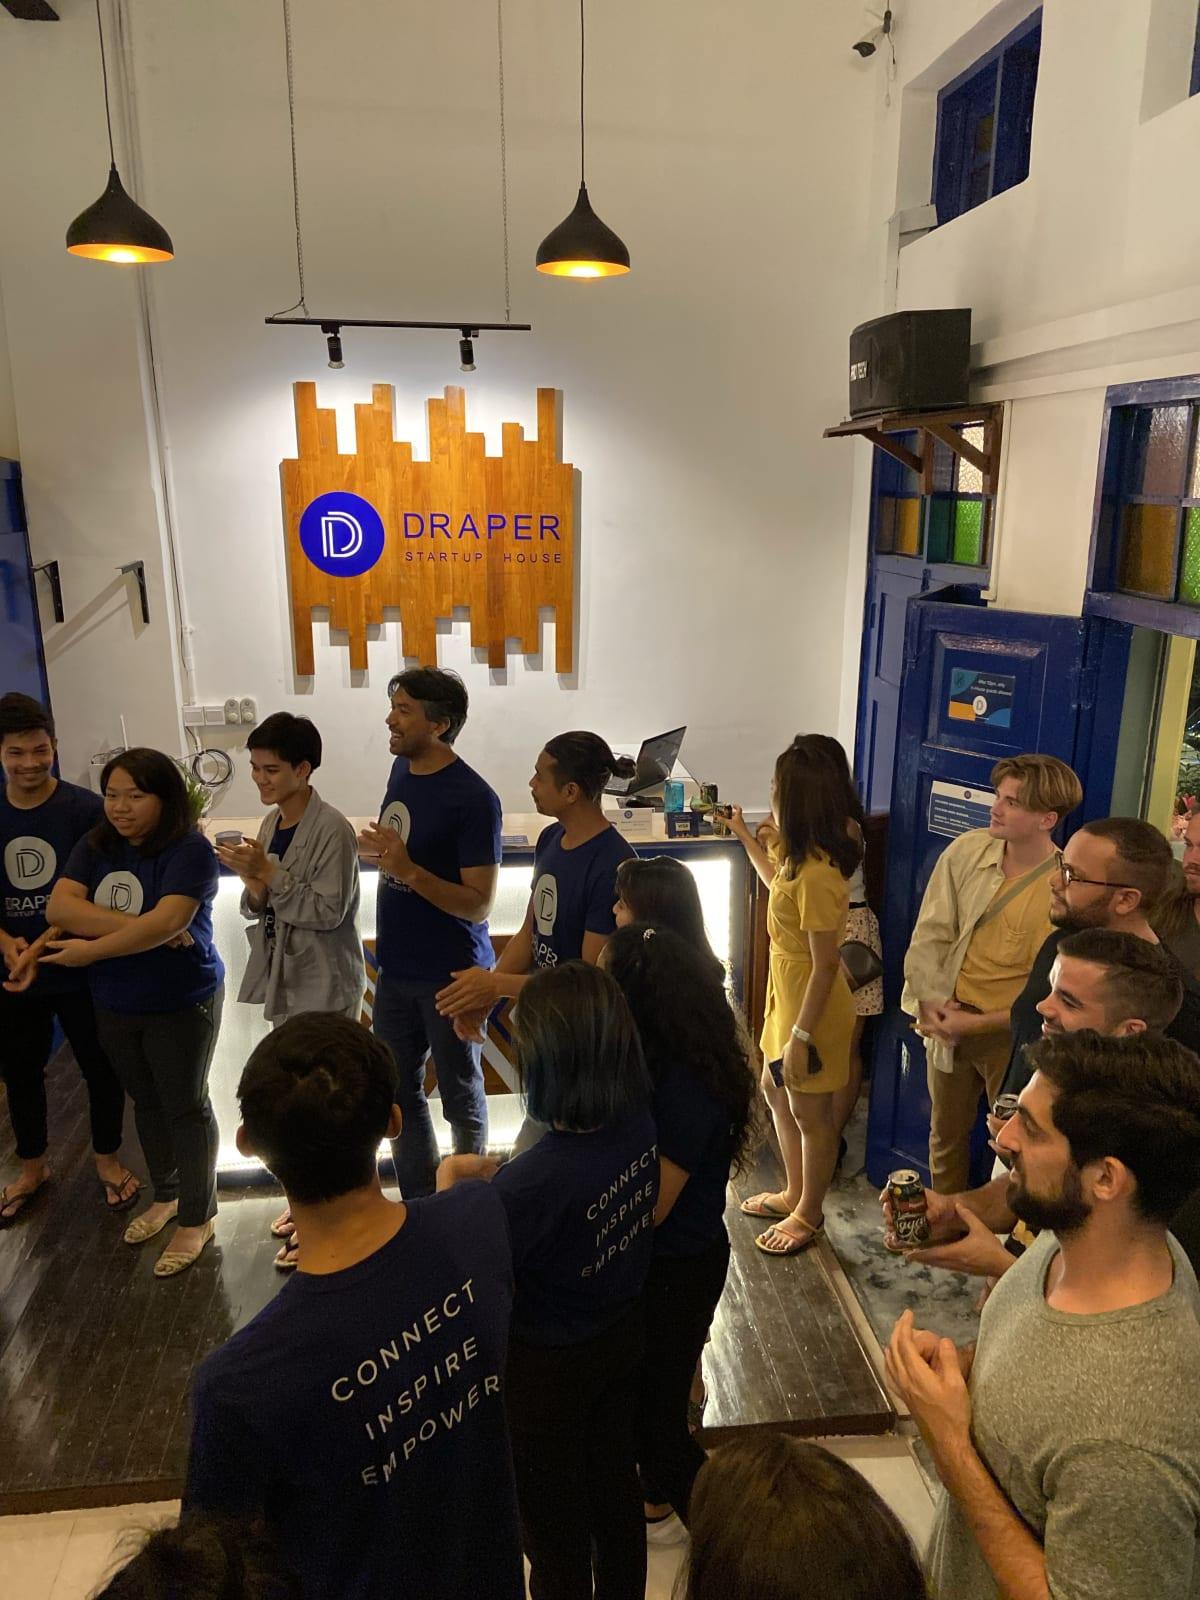 Draper Startup House for Entrepreneurs, Yangon, Myanmar